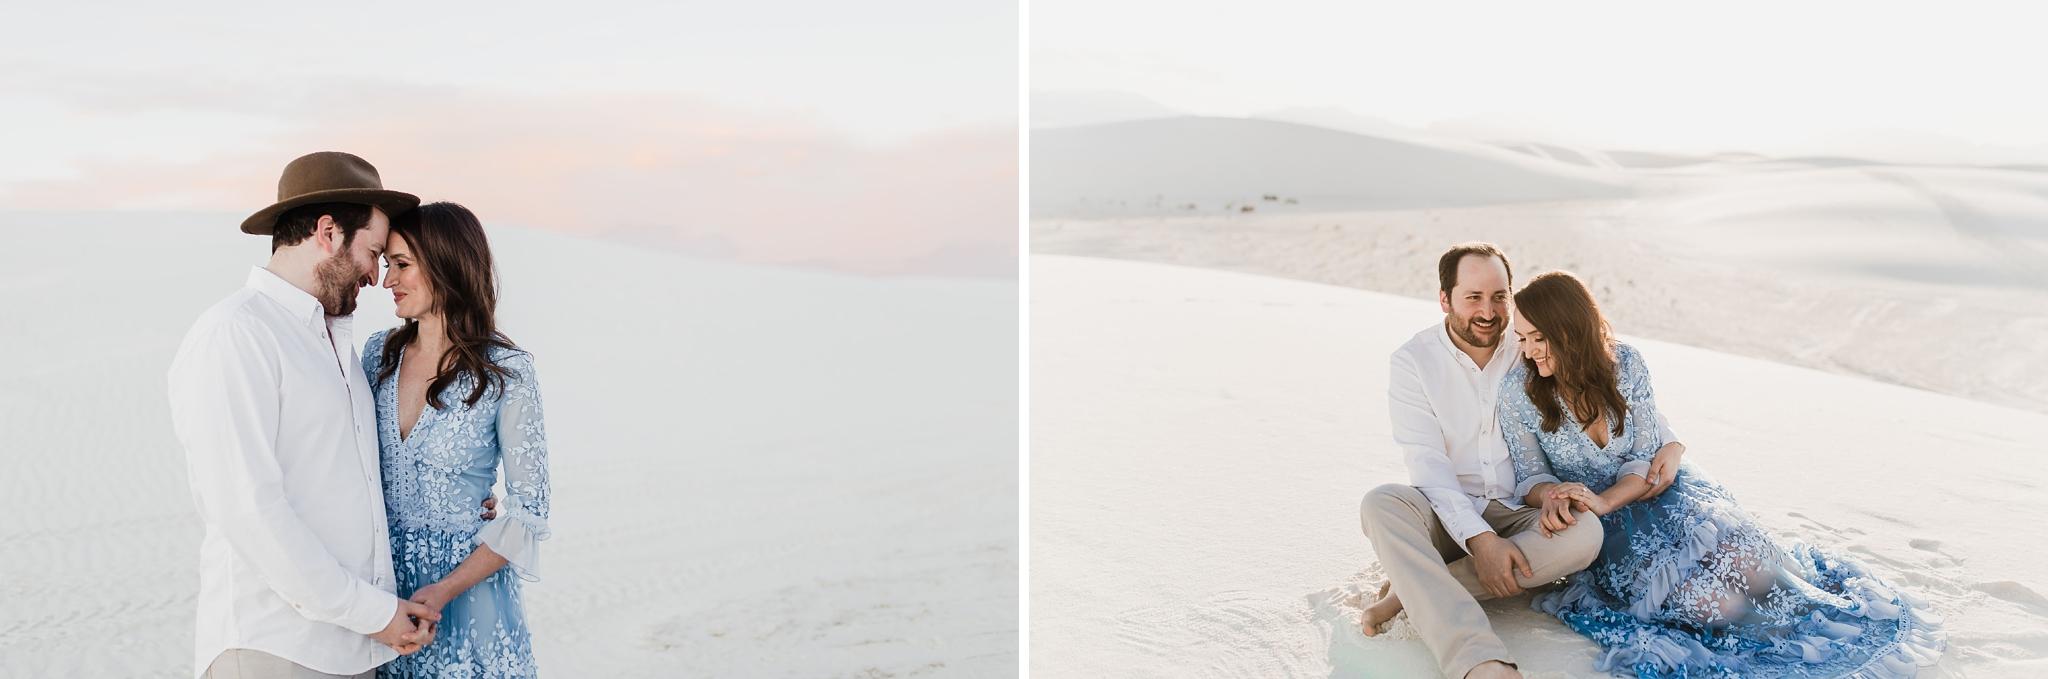 Alicia+lucia+photography+-+albuquerque+wedding+photographer+-+santa+fe+wedding+photography+-+new+mexico+wedding+photographer+-+new+mexico+wedding+-+new+mexico+engagement+-+engagement+style+-+style+lookbook_0006.jpg